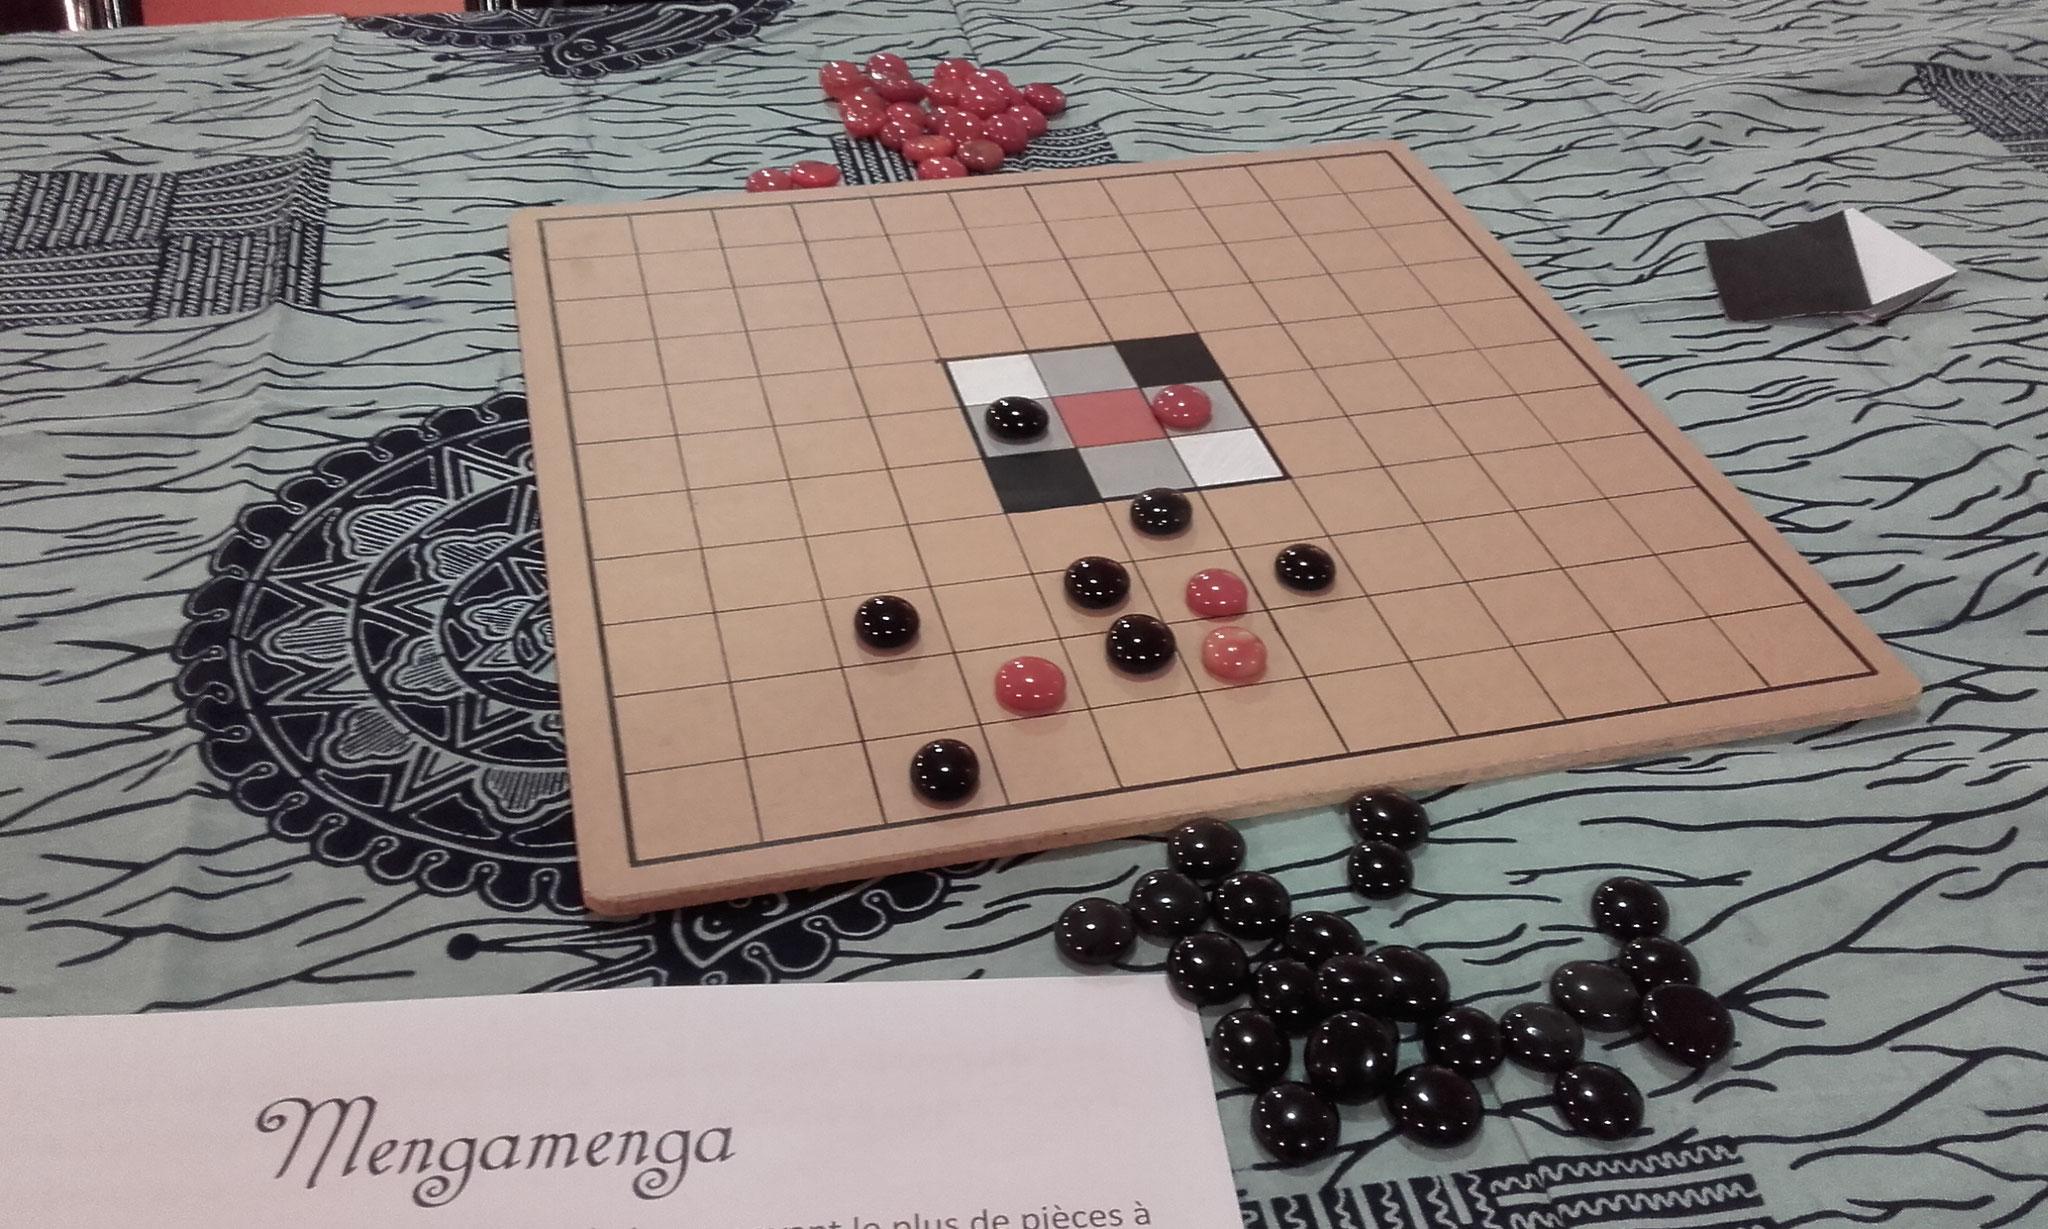 Mengamenga, jeu maori